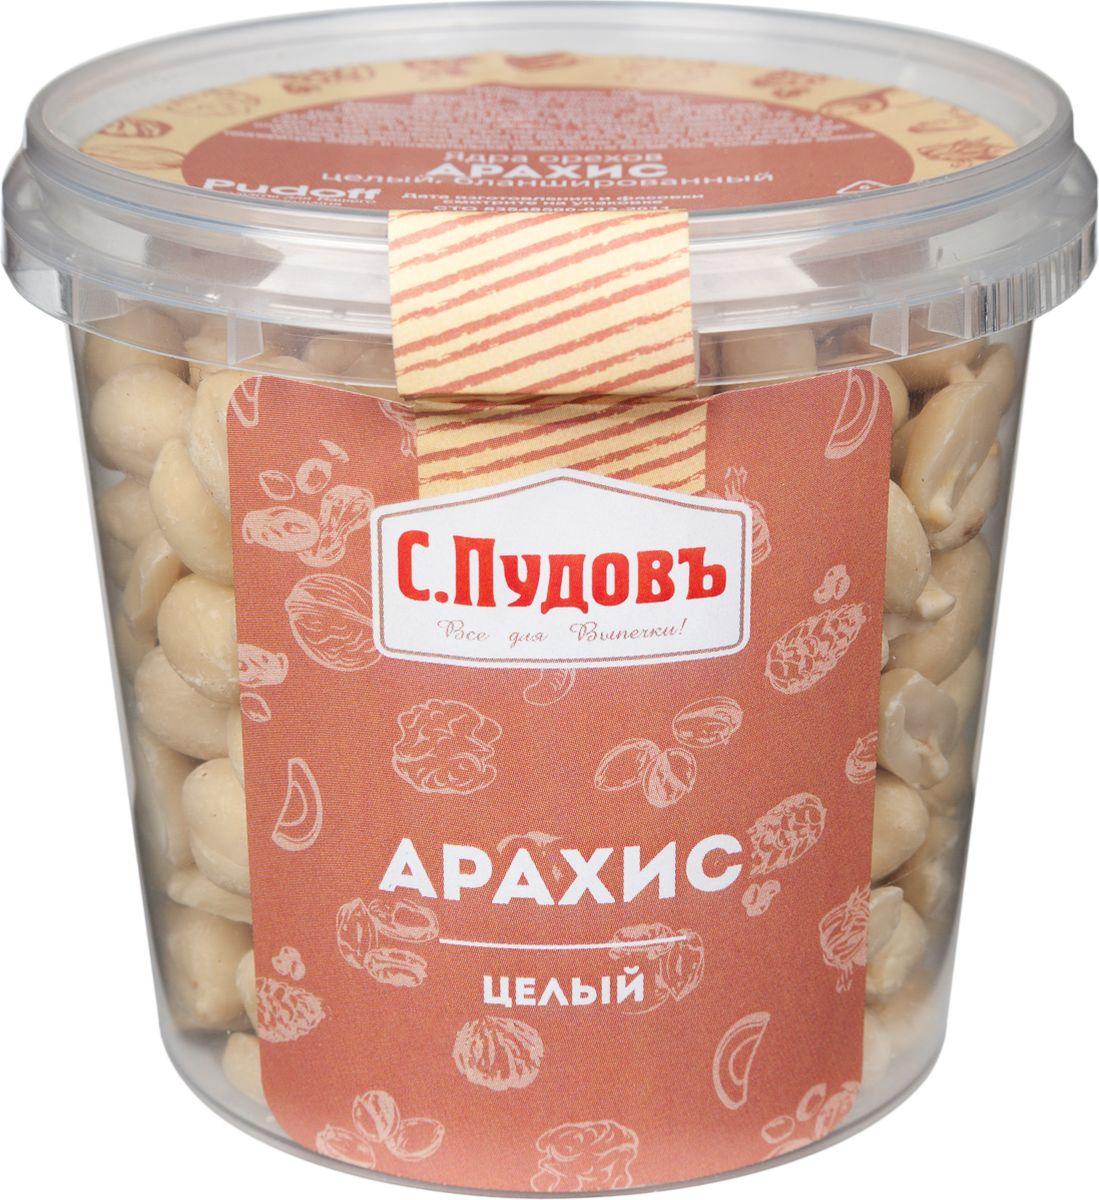 Пудовъ арахис целый, 200 г4607012297686Арахис - источник высококачественного растительного арахисового масла. Оно содержит большое количество ненасыщенных жирных кислот, что ценно для правильного и здорового питания. Растение обладает различными полезными качествами: оно питательно, на 50% состоит из жиров; содержит необходимые для организма аминокислоты и большое количество витаминов. В арахисе отмечается наличие магния, фосфора, калия и железа.